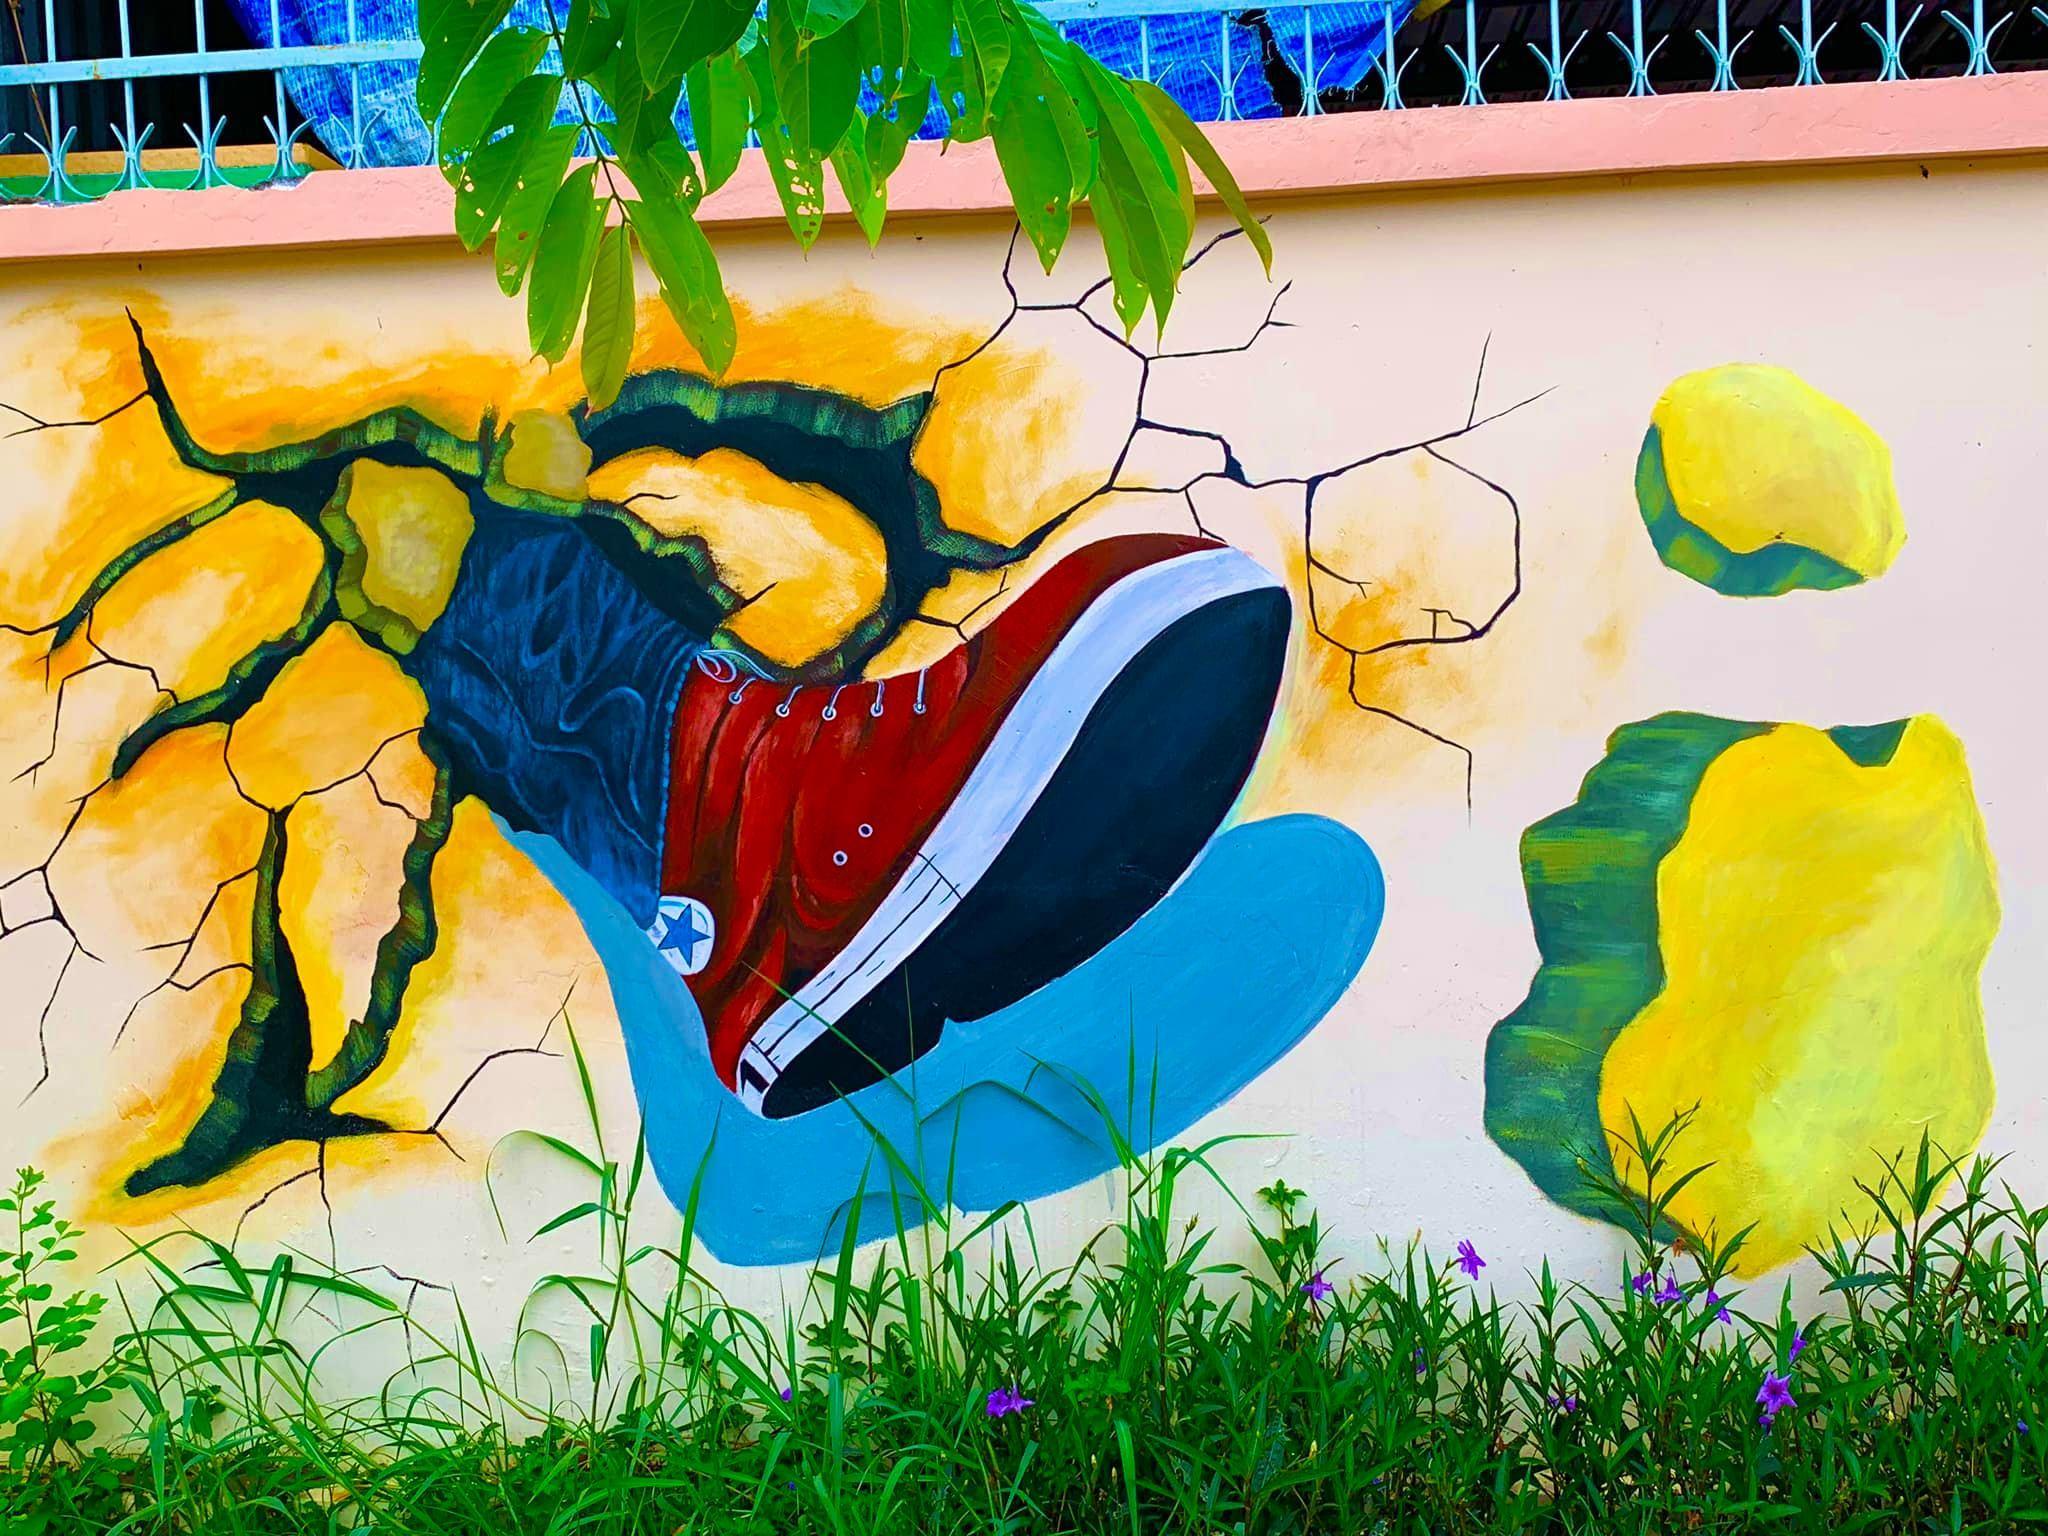 tranh bích họa sống động tại trường nhà người ta